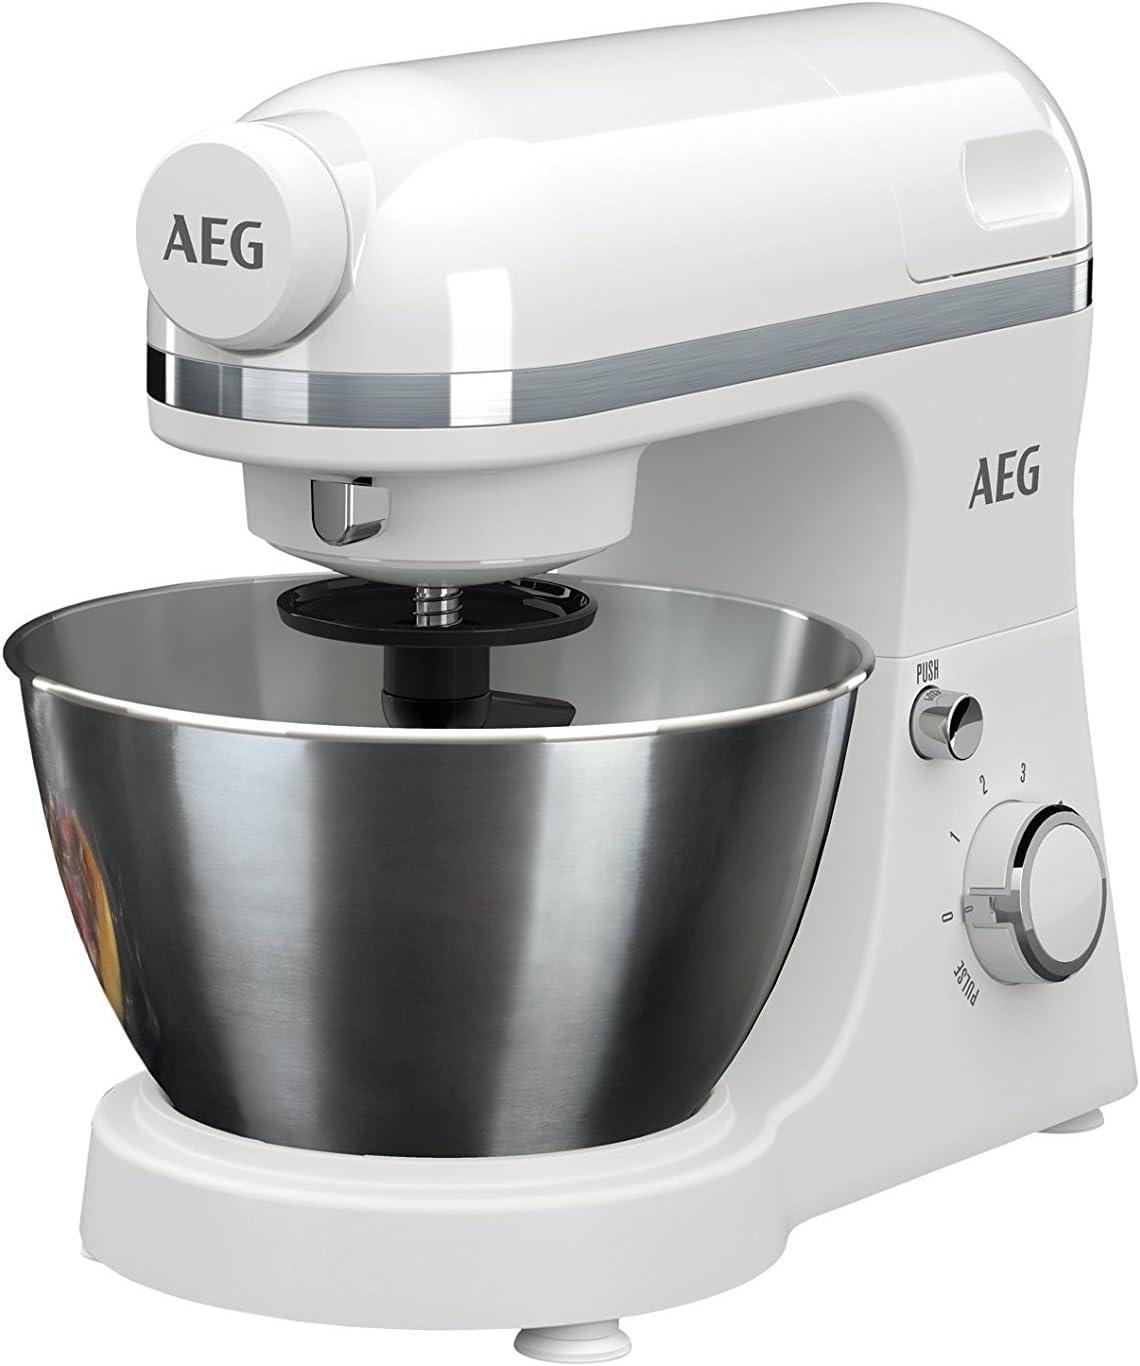 Robot de cocina Serie 3 de AEG, incluyeaccesorio de batidora Weiß (Reacondicionado Certificado): Amazon.es: Hogar